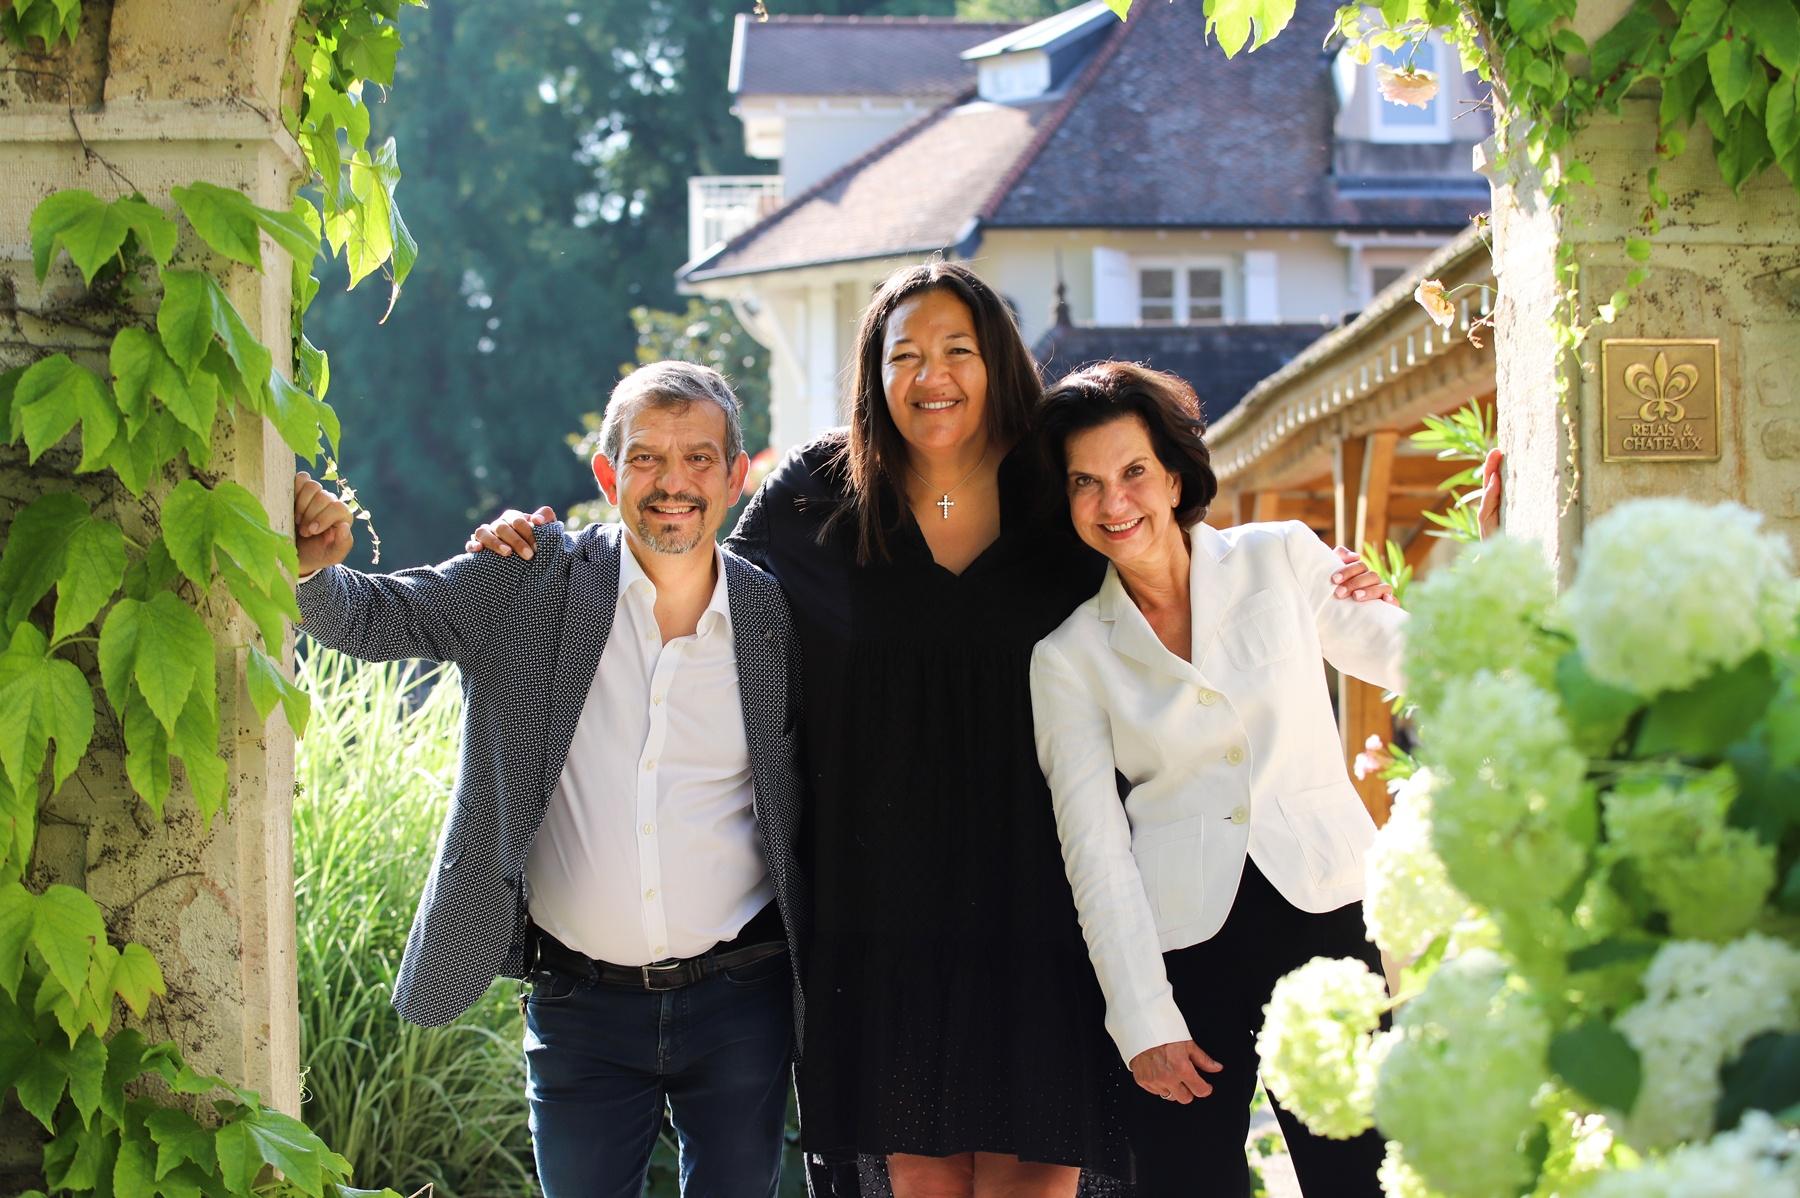 Jean-Louis et Susanne Bottigliero transmettent l'Hostellerie de Levernois et Sainte-Sabine à «Mademoiselle»